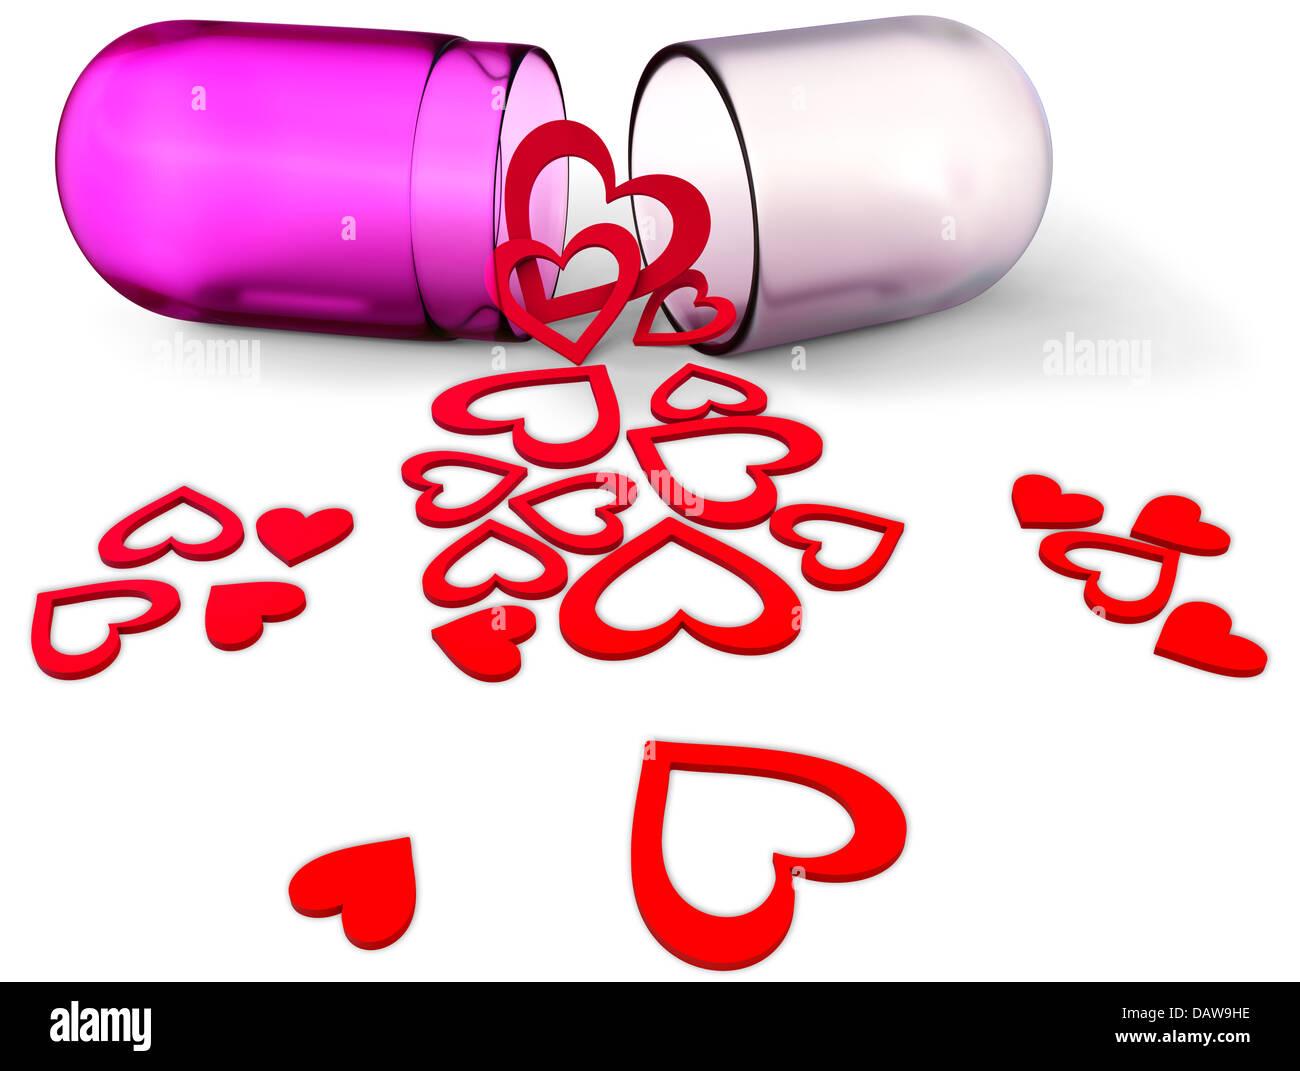 3D Liebespille mit roten Herzen zum Valentinstag Stockbild